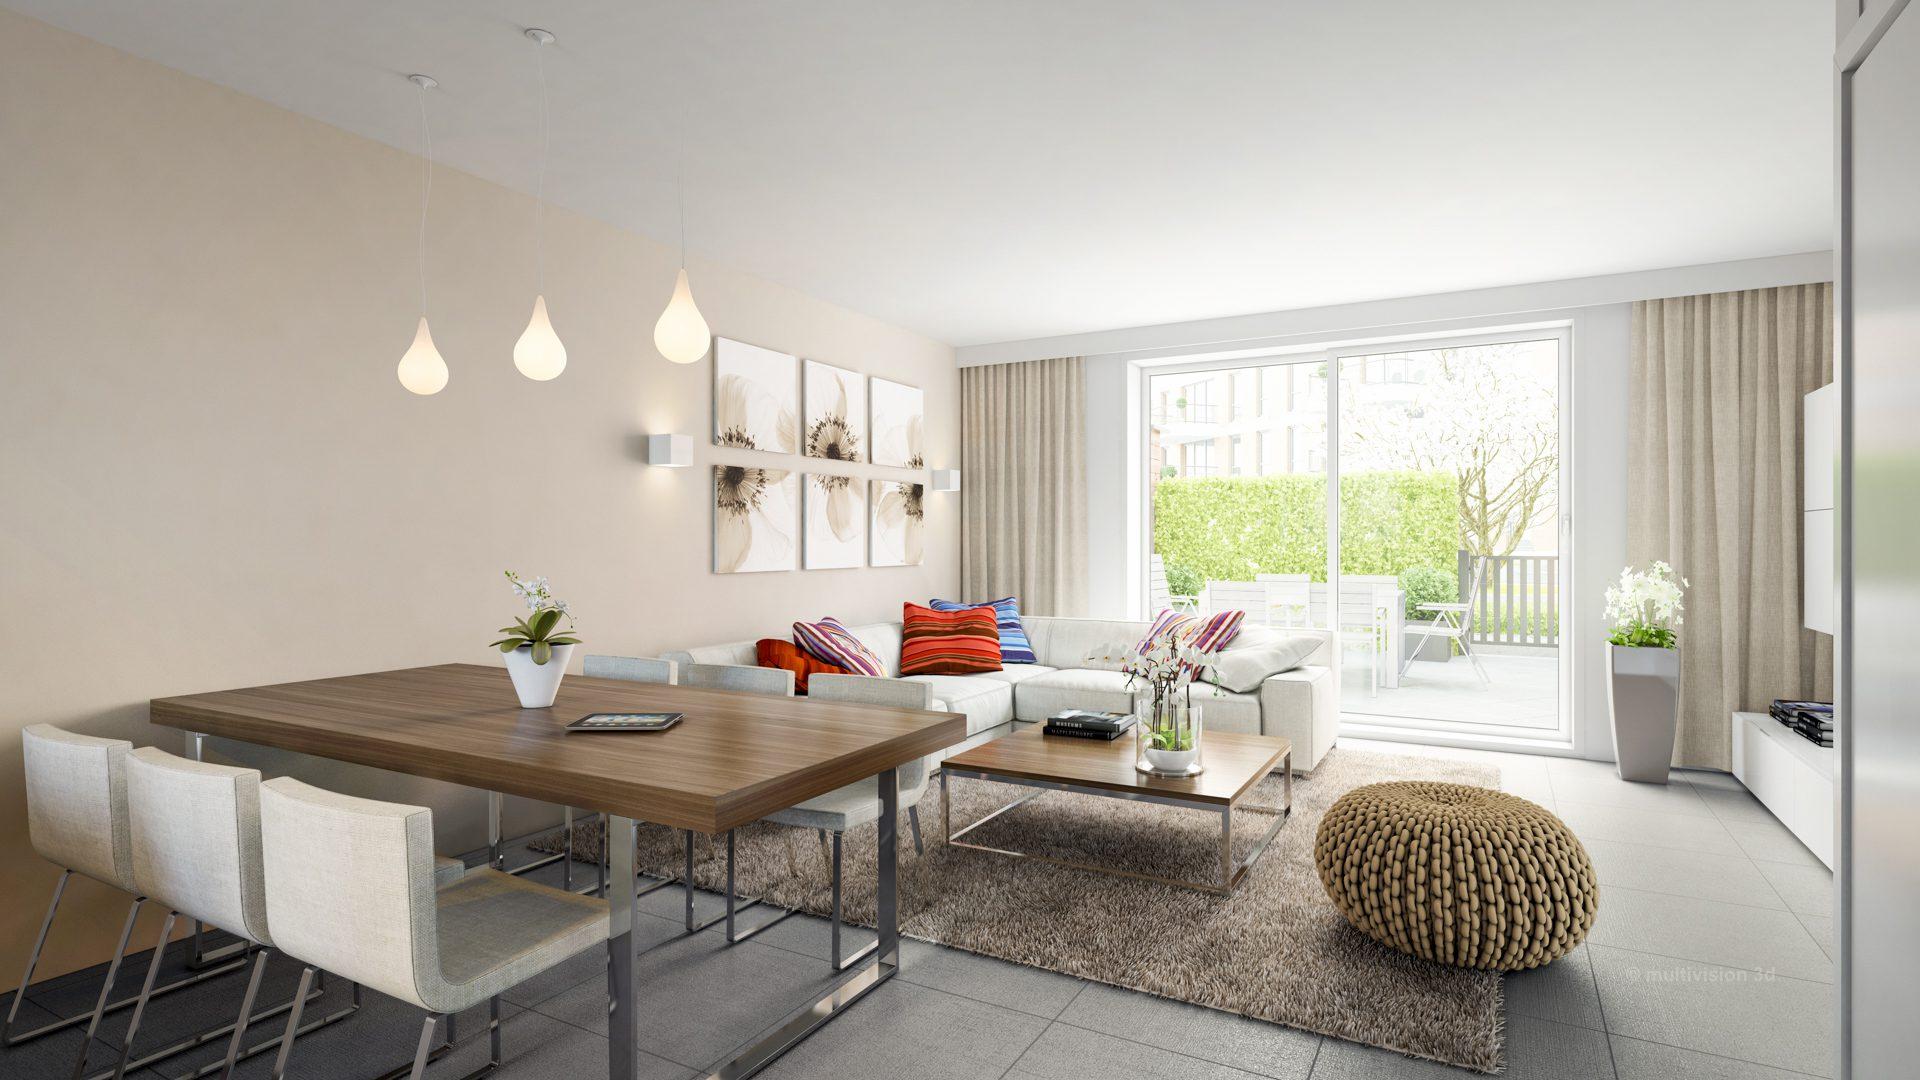 interieur impressie la cour bleue 5 multivision 3d visualisatie. Black Bedroom Furniture Sets. Home Design Ideas